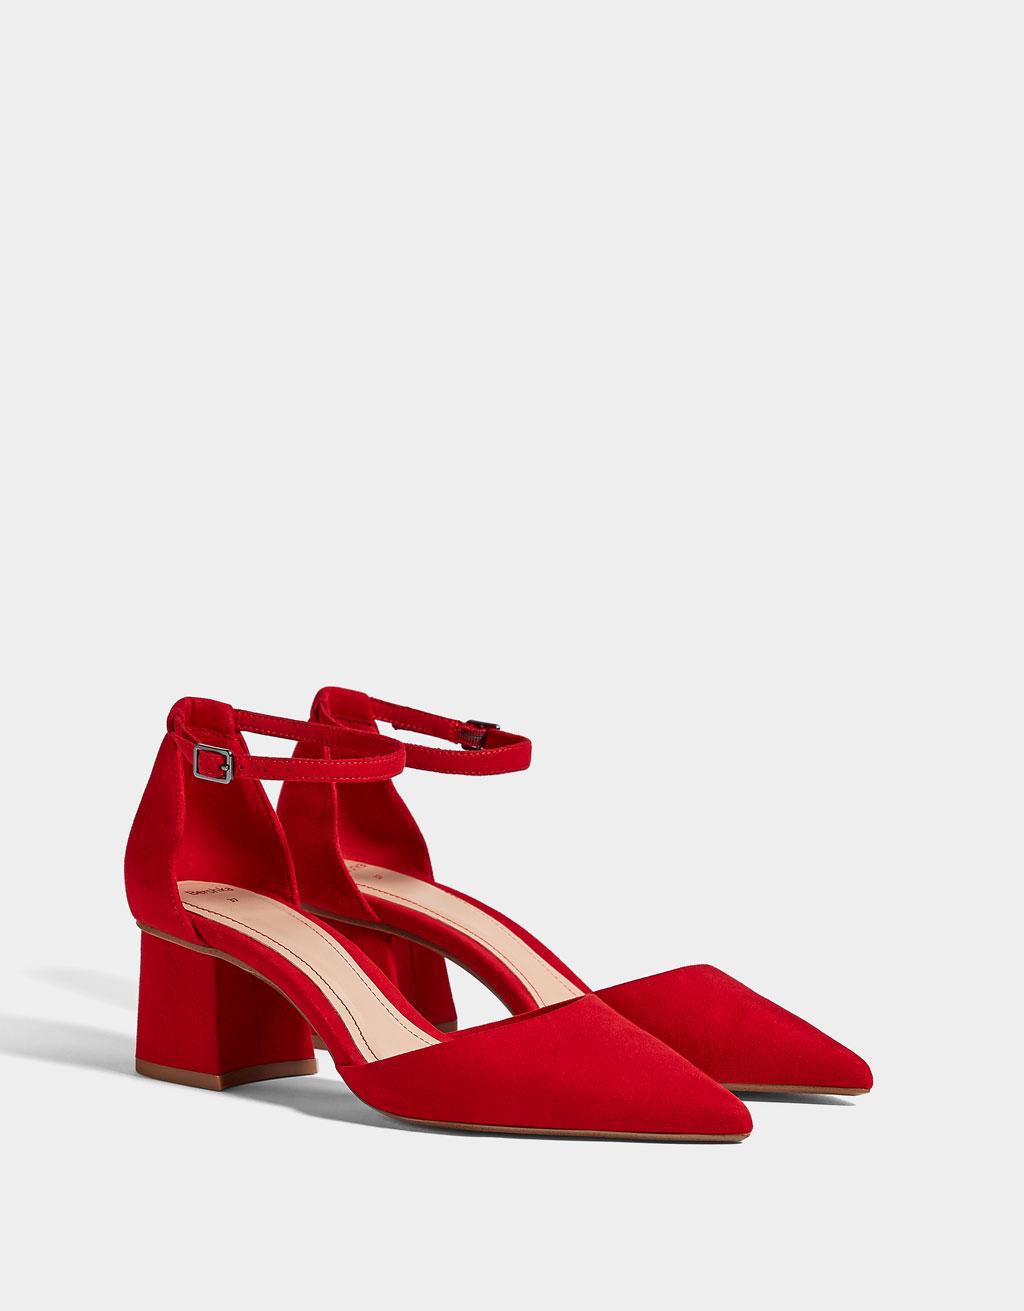 Orta topuklu kırmızı ayakkabı